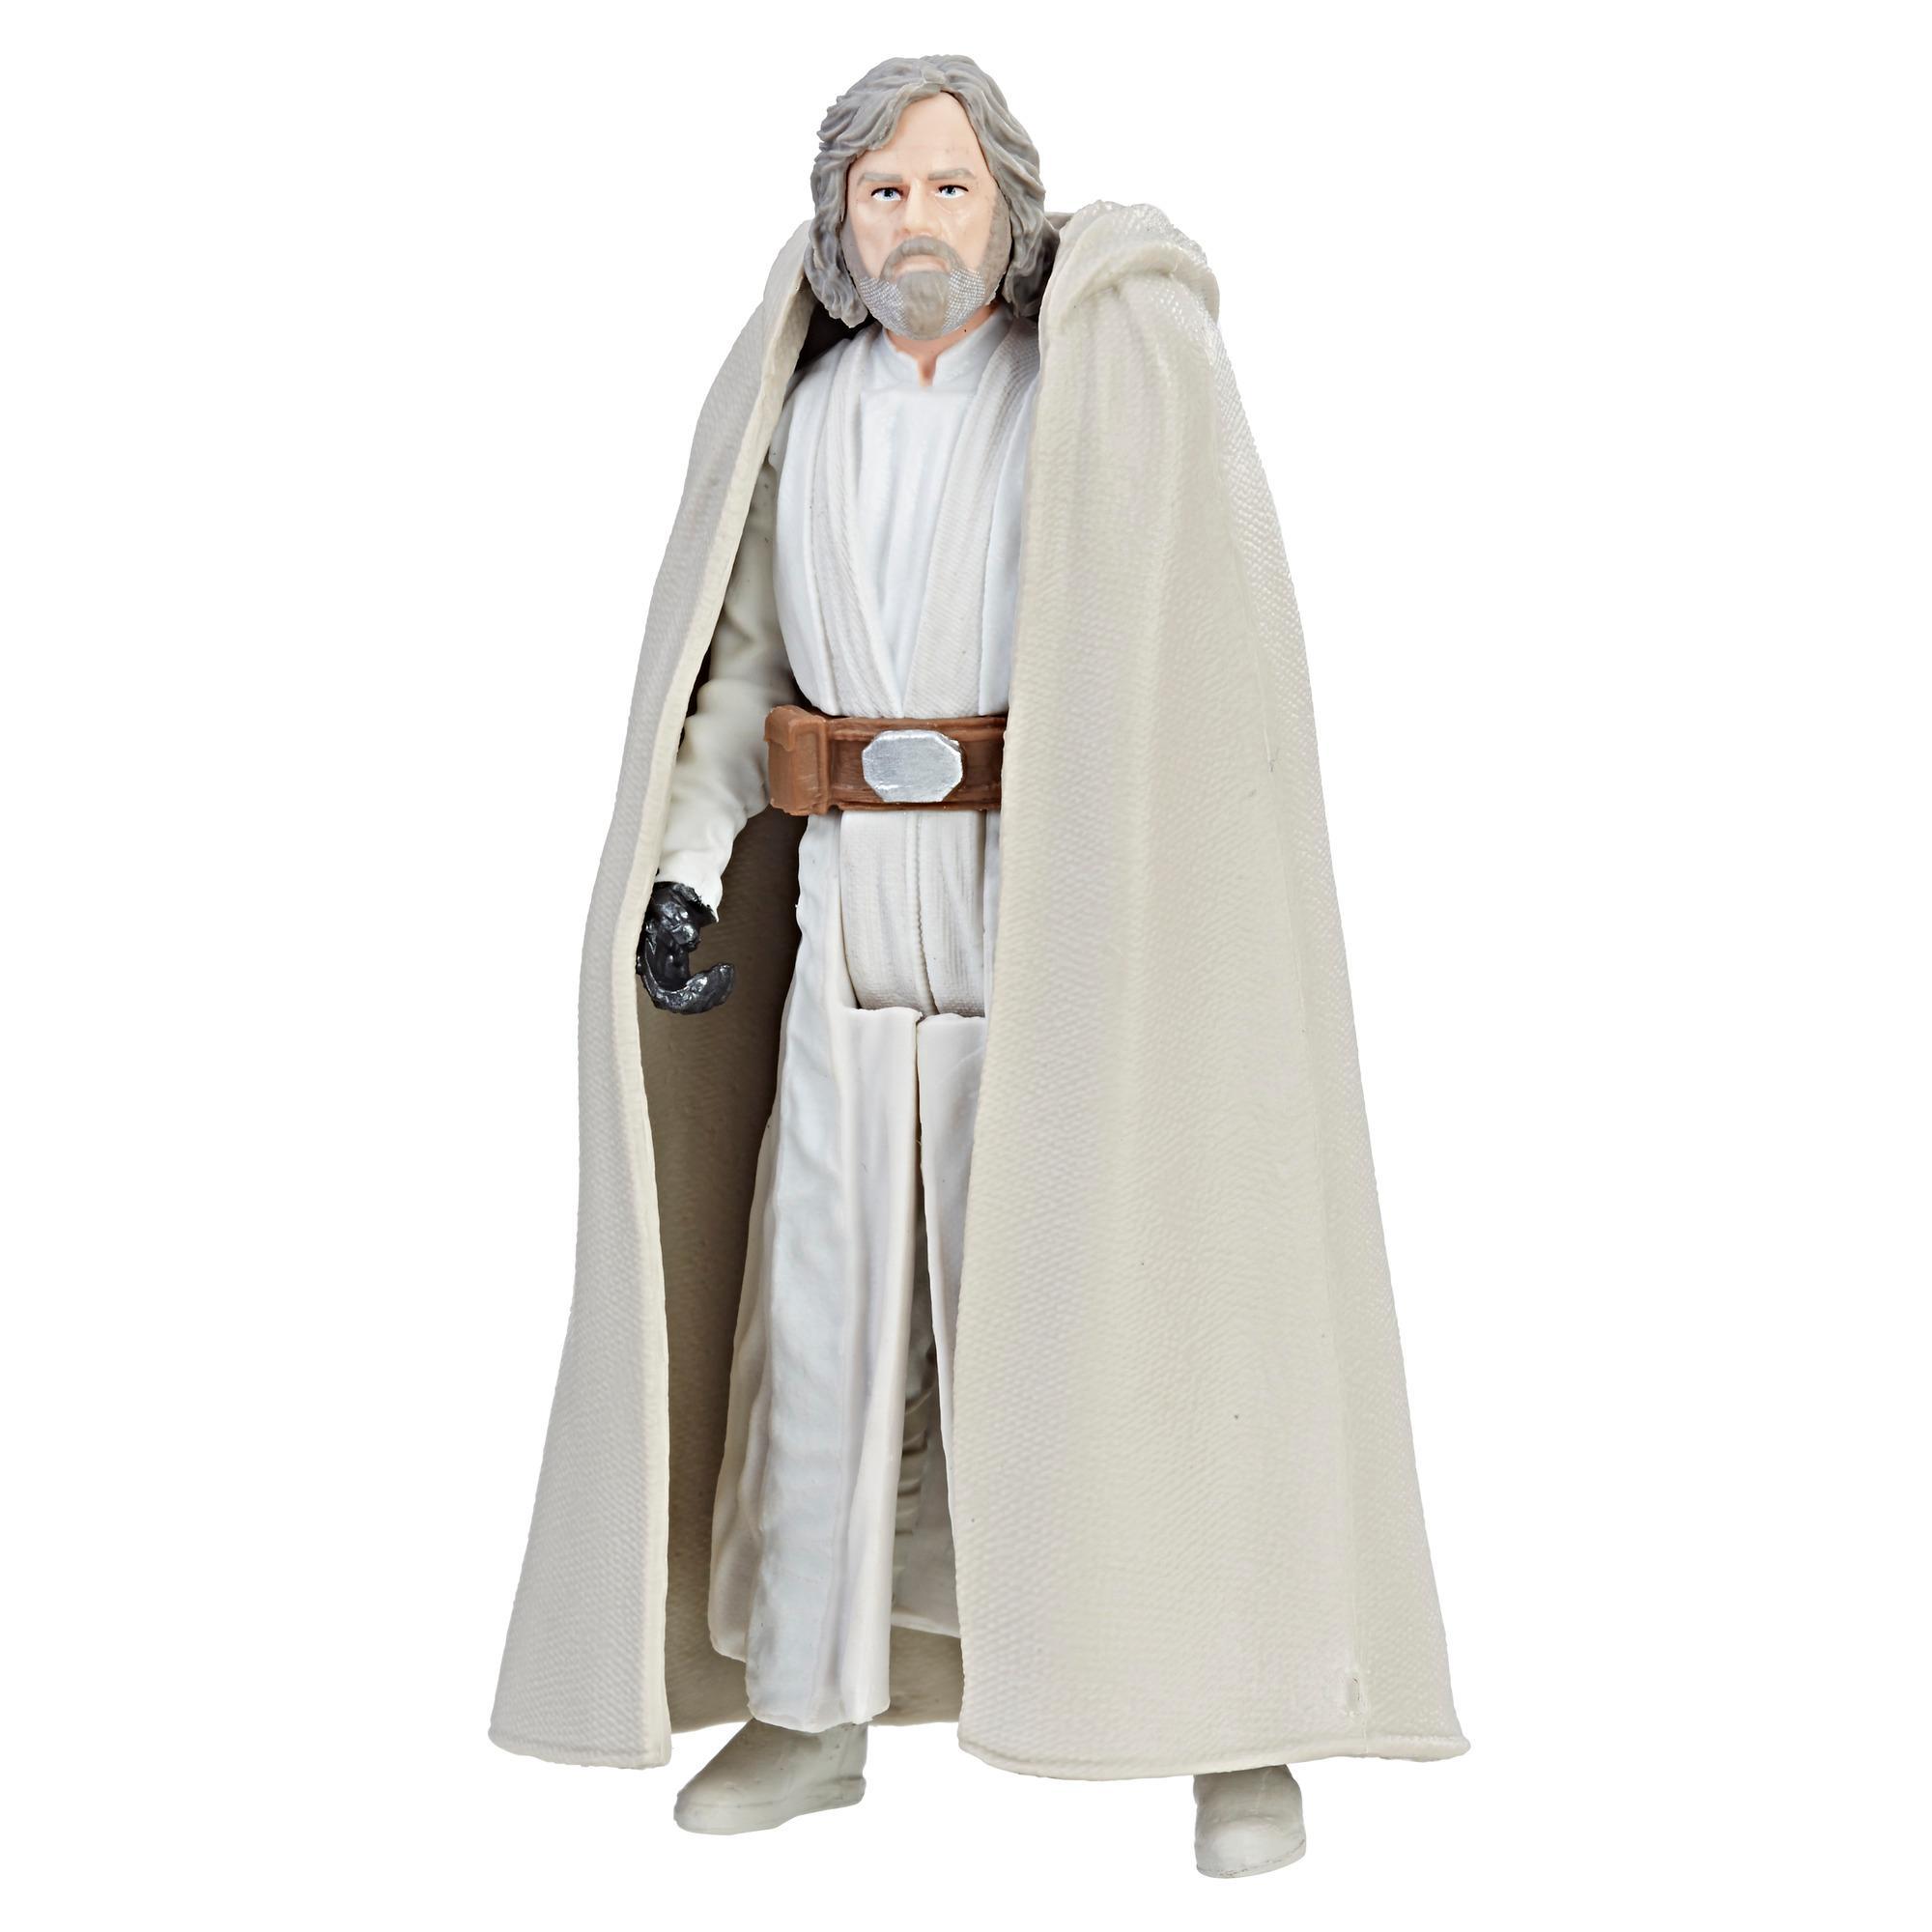 Star Wars Luke Skywalker (Jedi Master) Force Link Figure